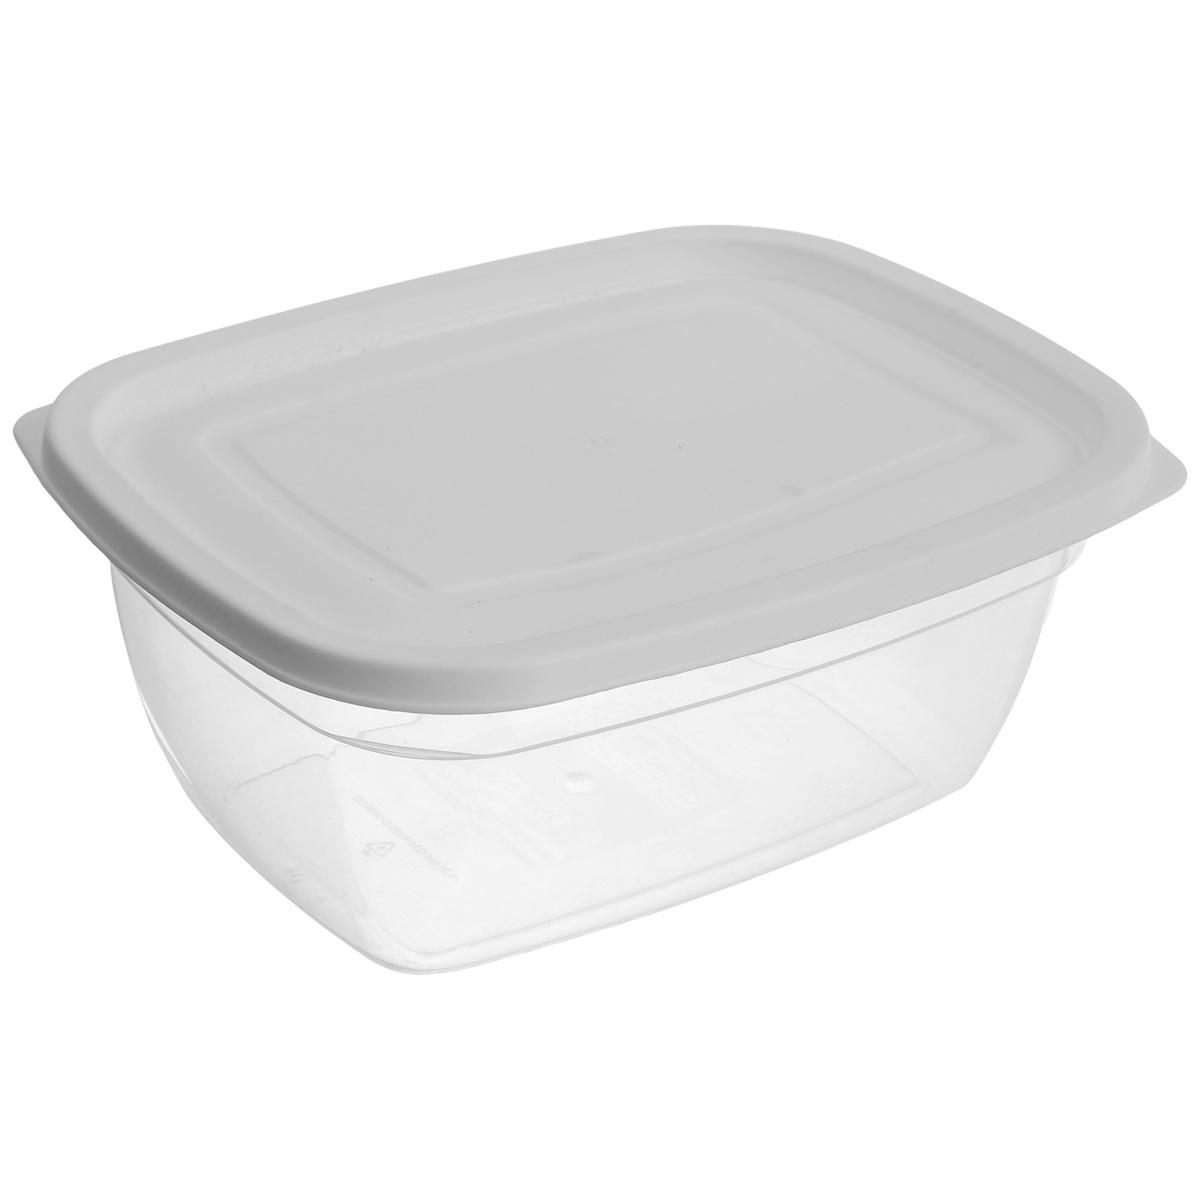 Контейнер Dunya Plastik, цвет: белый, 2,5 лСП-06 вар.3Пищевой контейнер Dunya Plastik изготовлен из высококачественного пищевого пластика, который выдерживает температуру от -40°С до +100°С. Контейнер безопасен для здоровья, не содержит BPA. Контейнер имеет прямоугольную форму и оснащен плотно закрывающейся крышкой. Изделие подходит для контакта с пищевыми продуктами. Можно мыть в посудомоечной машине.